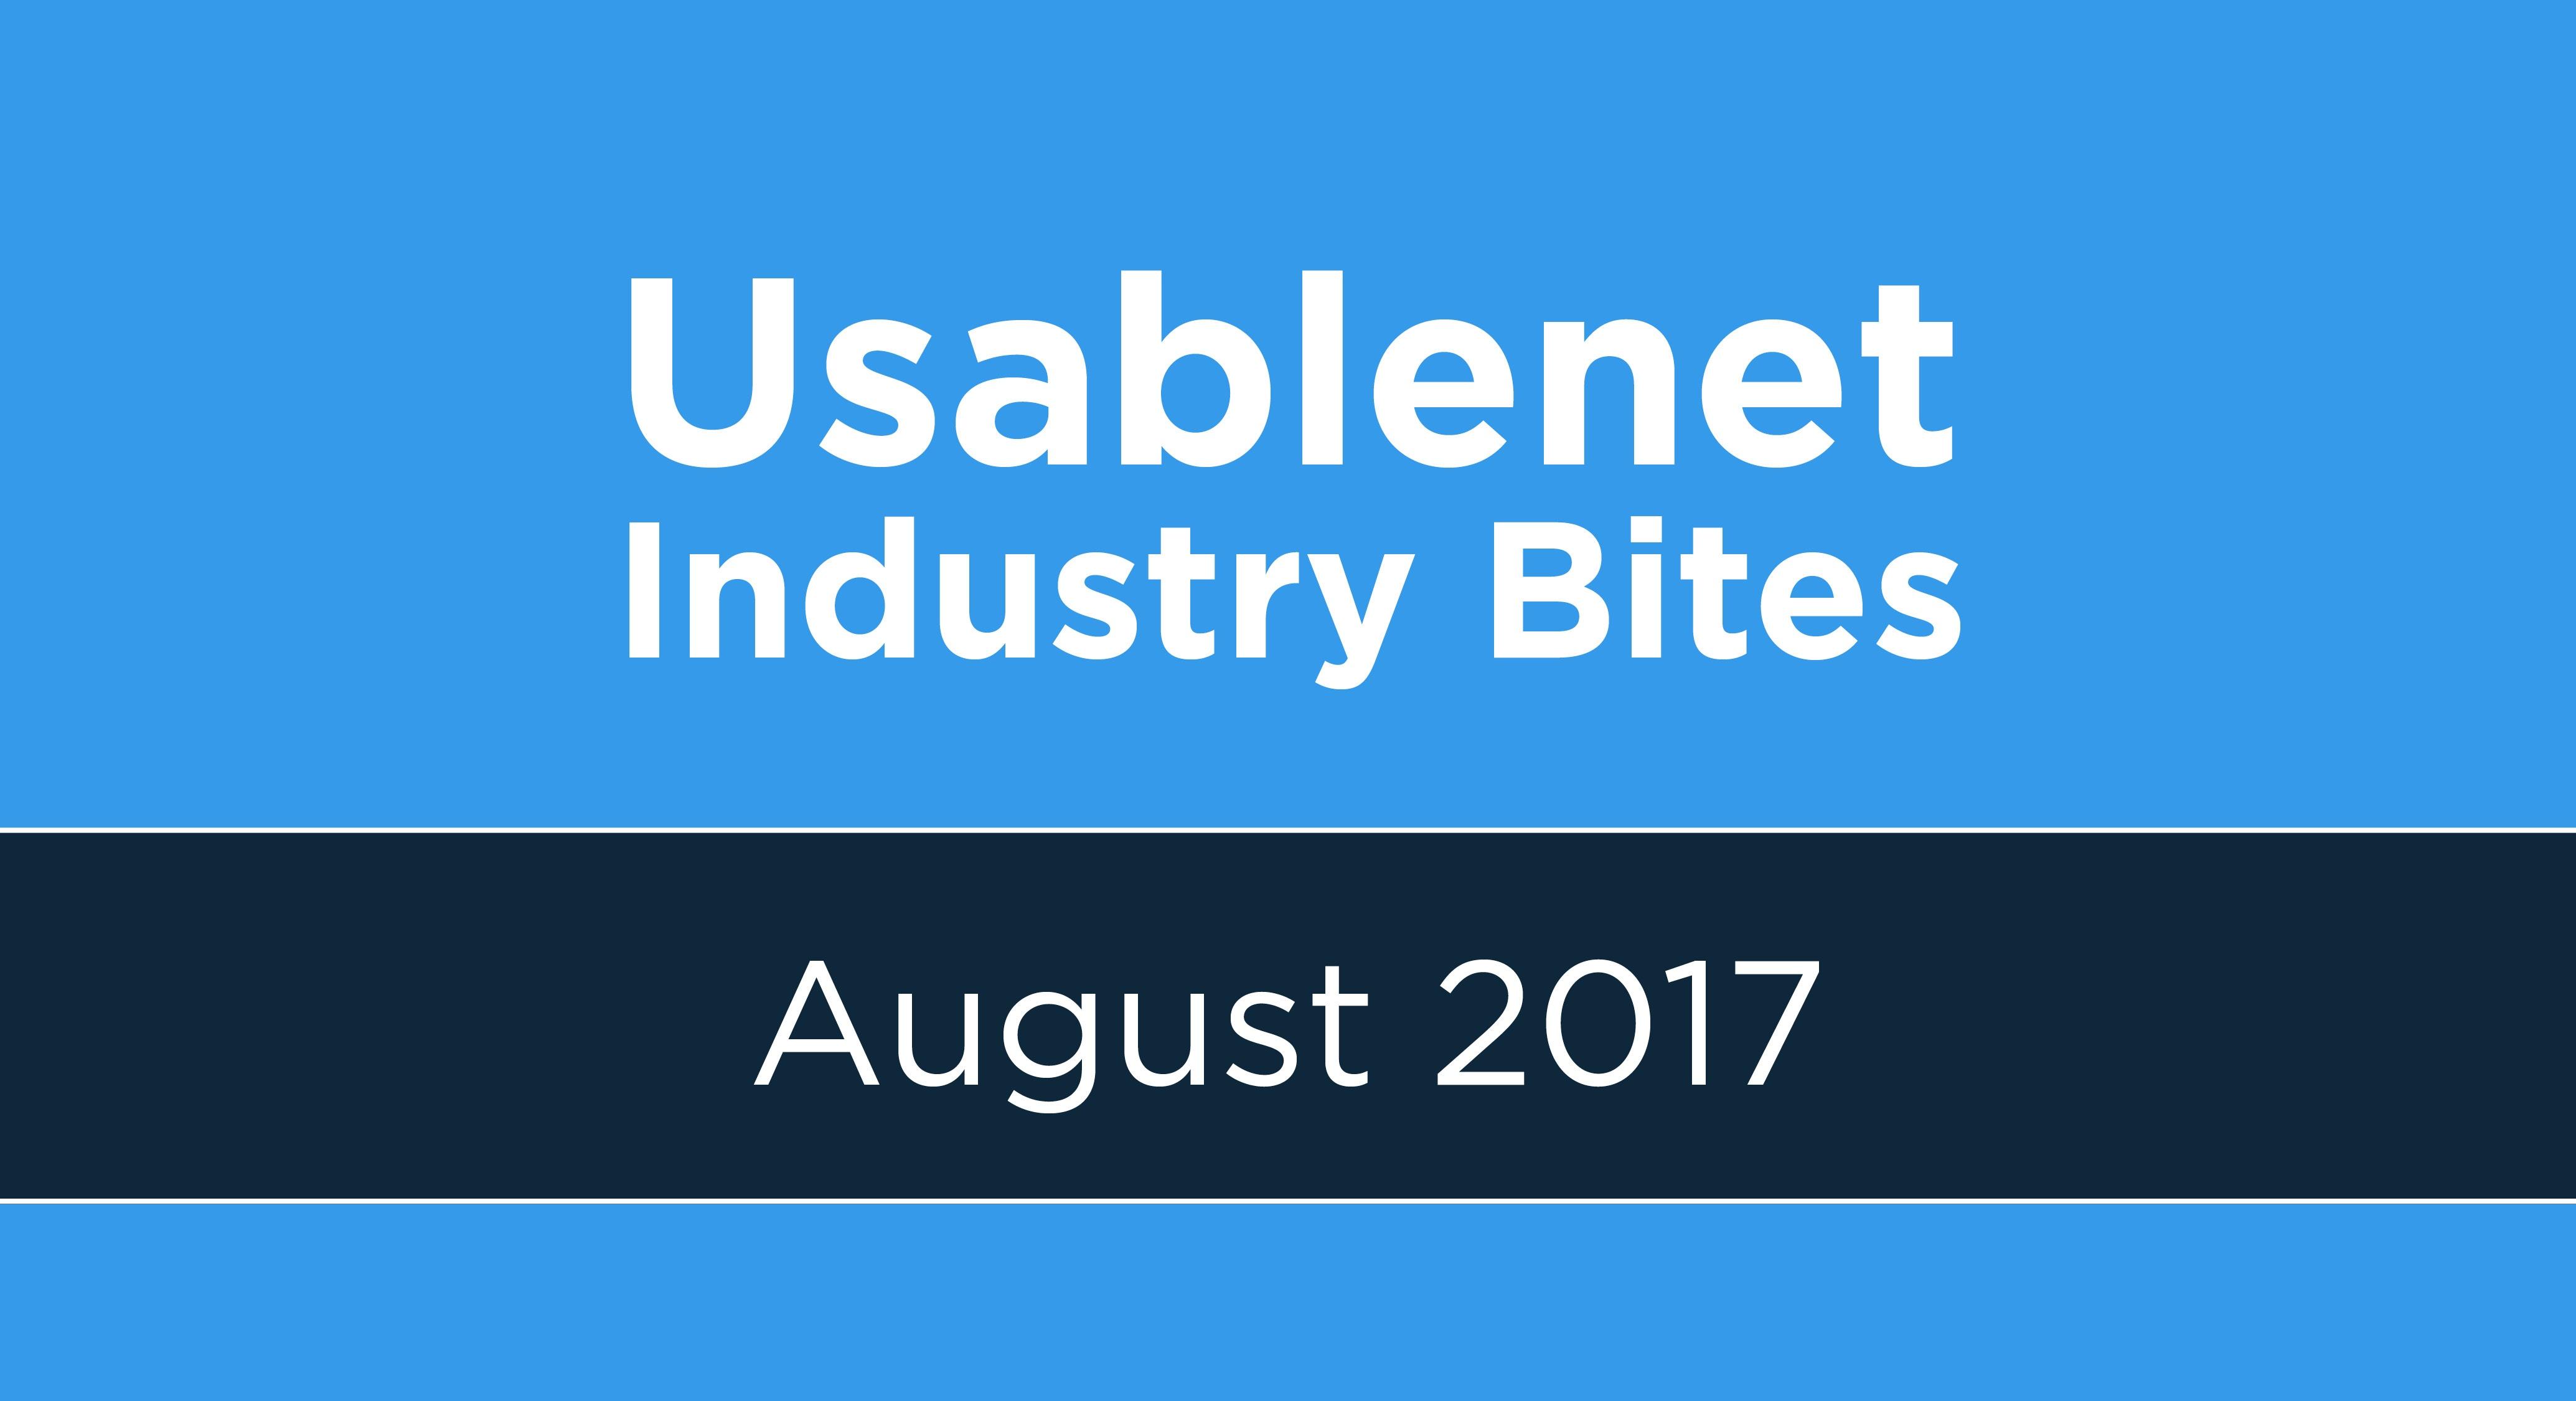 Industry Bites: August 2017 [Newsletter]